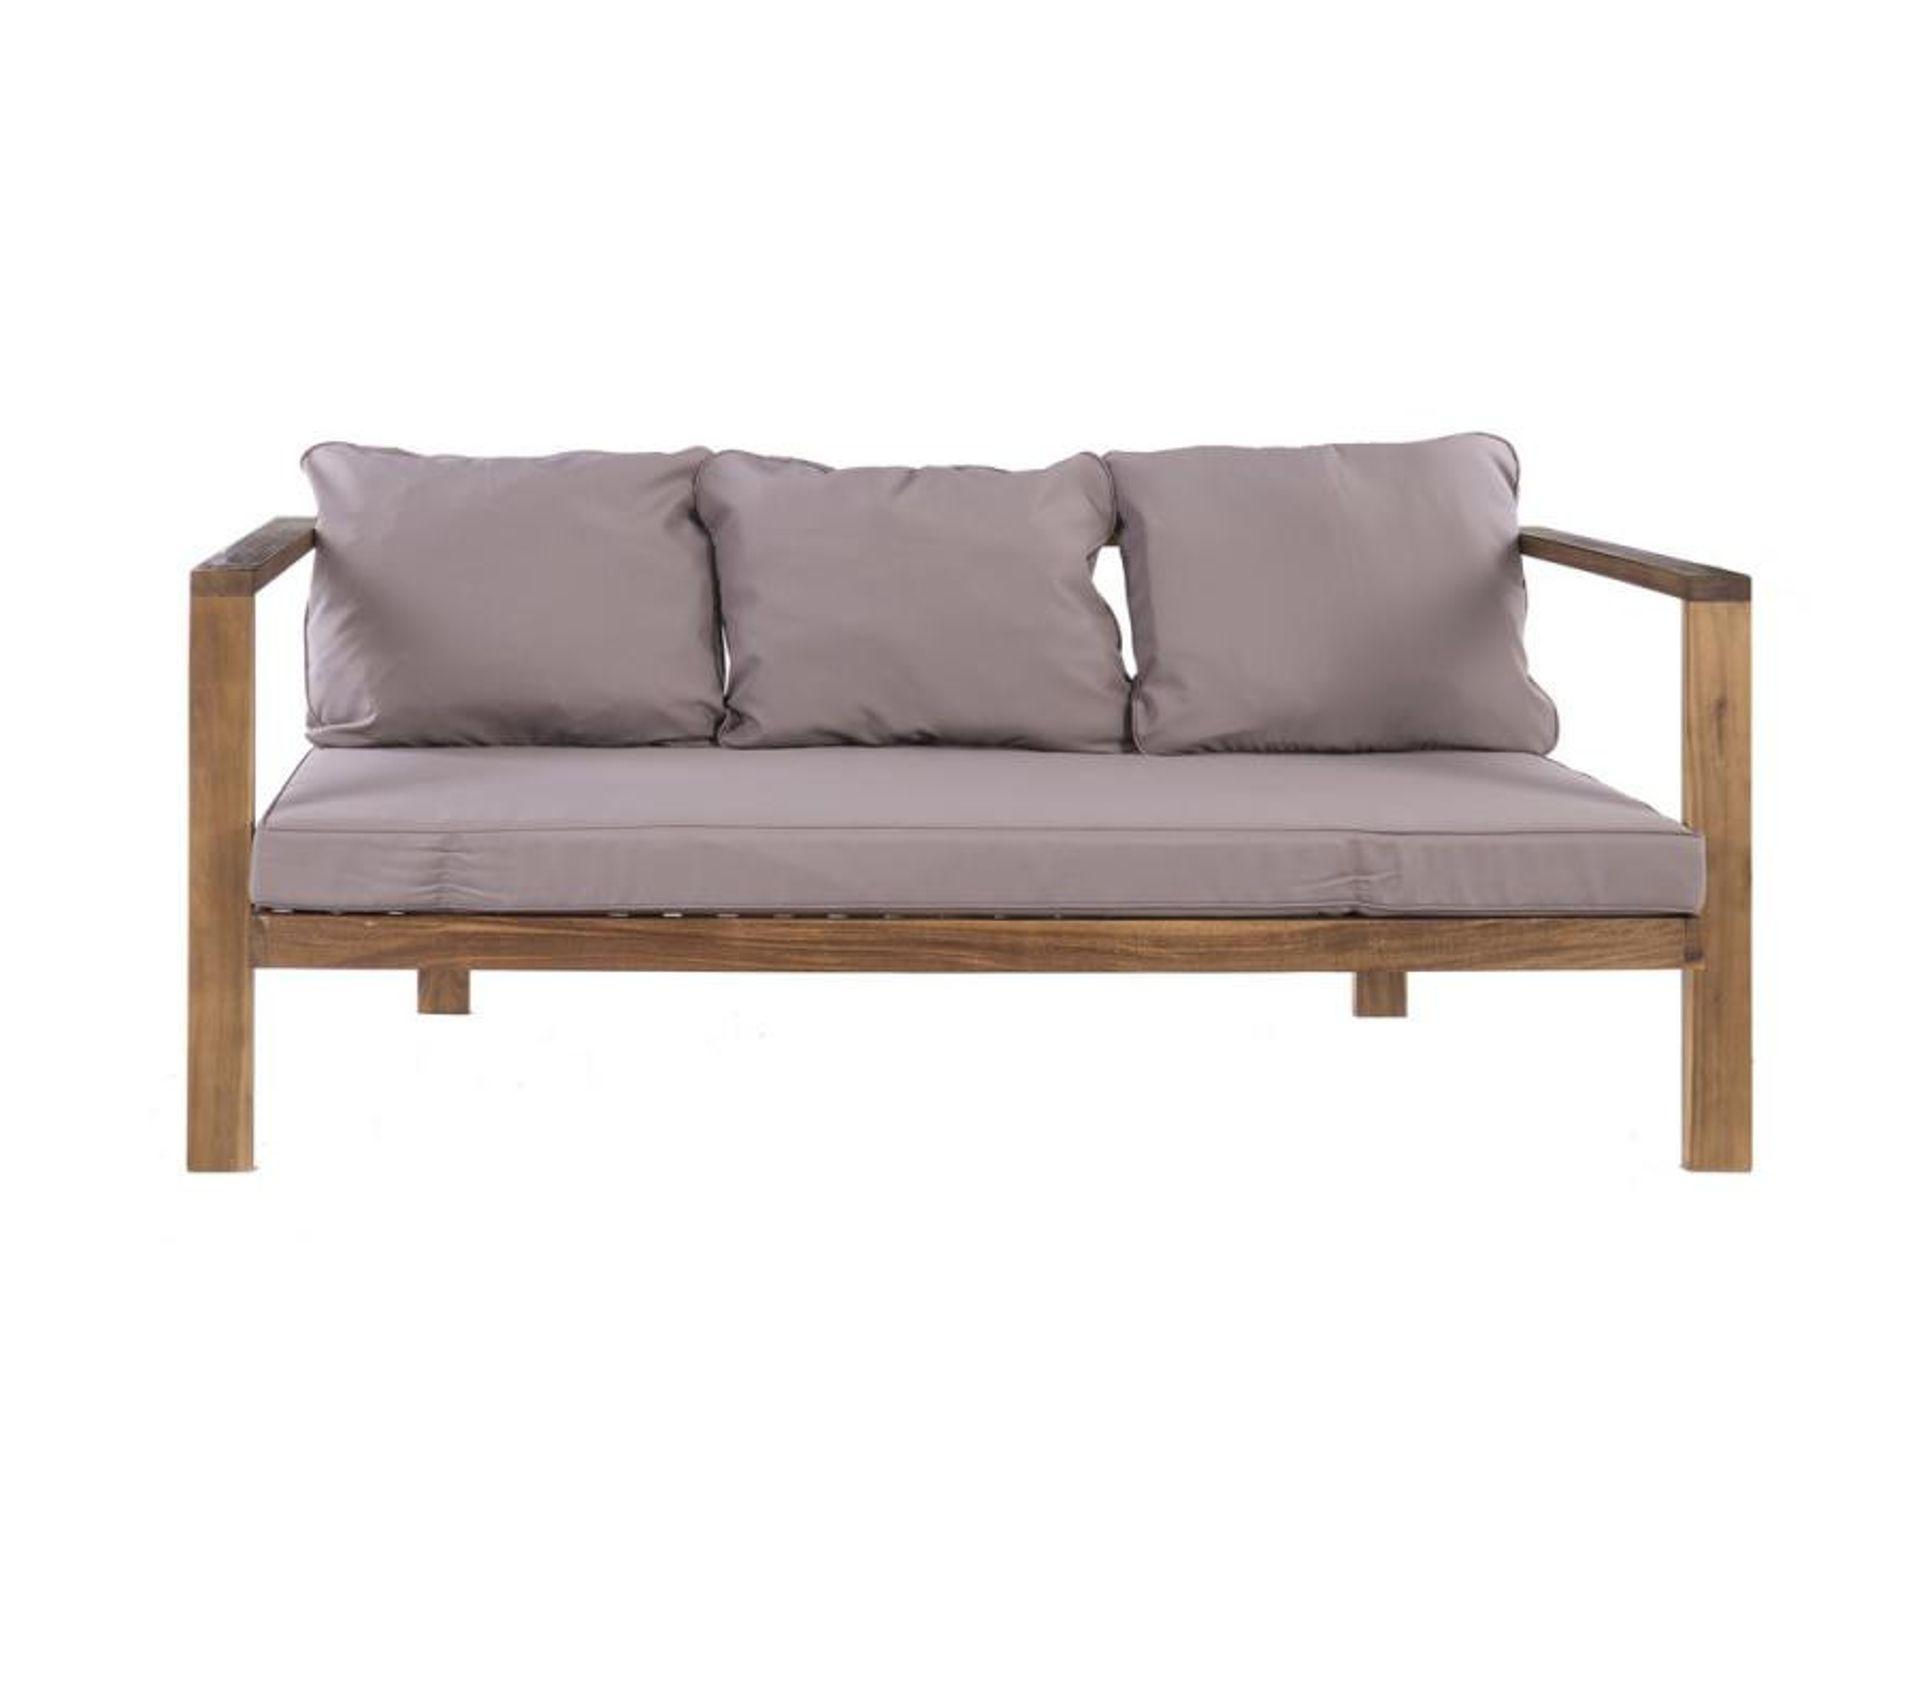 Canape exterieur bois